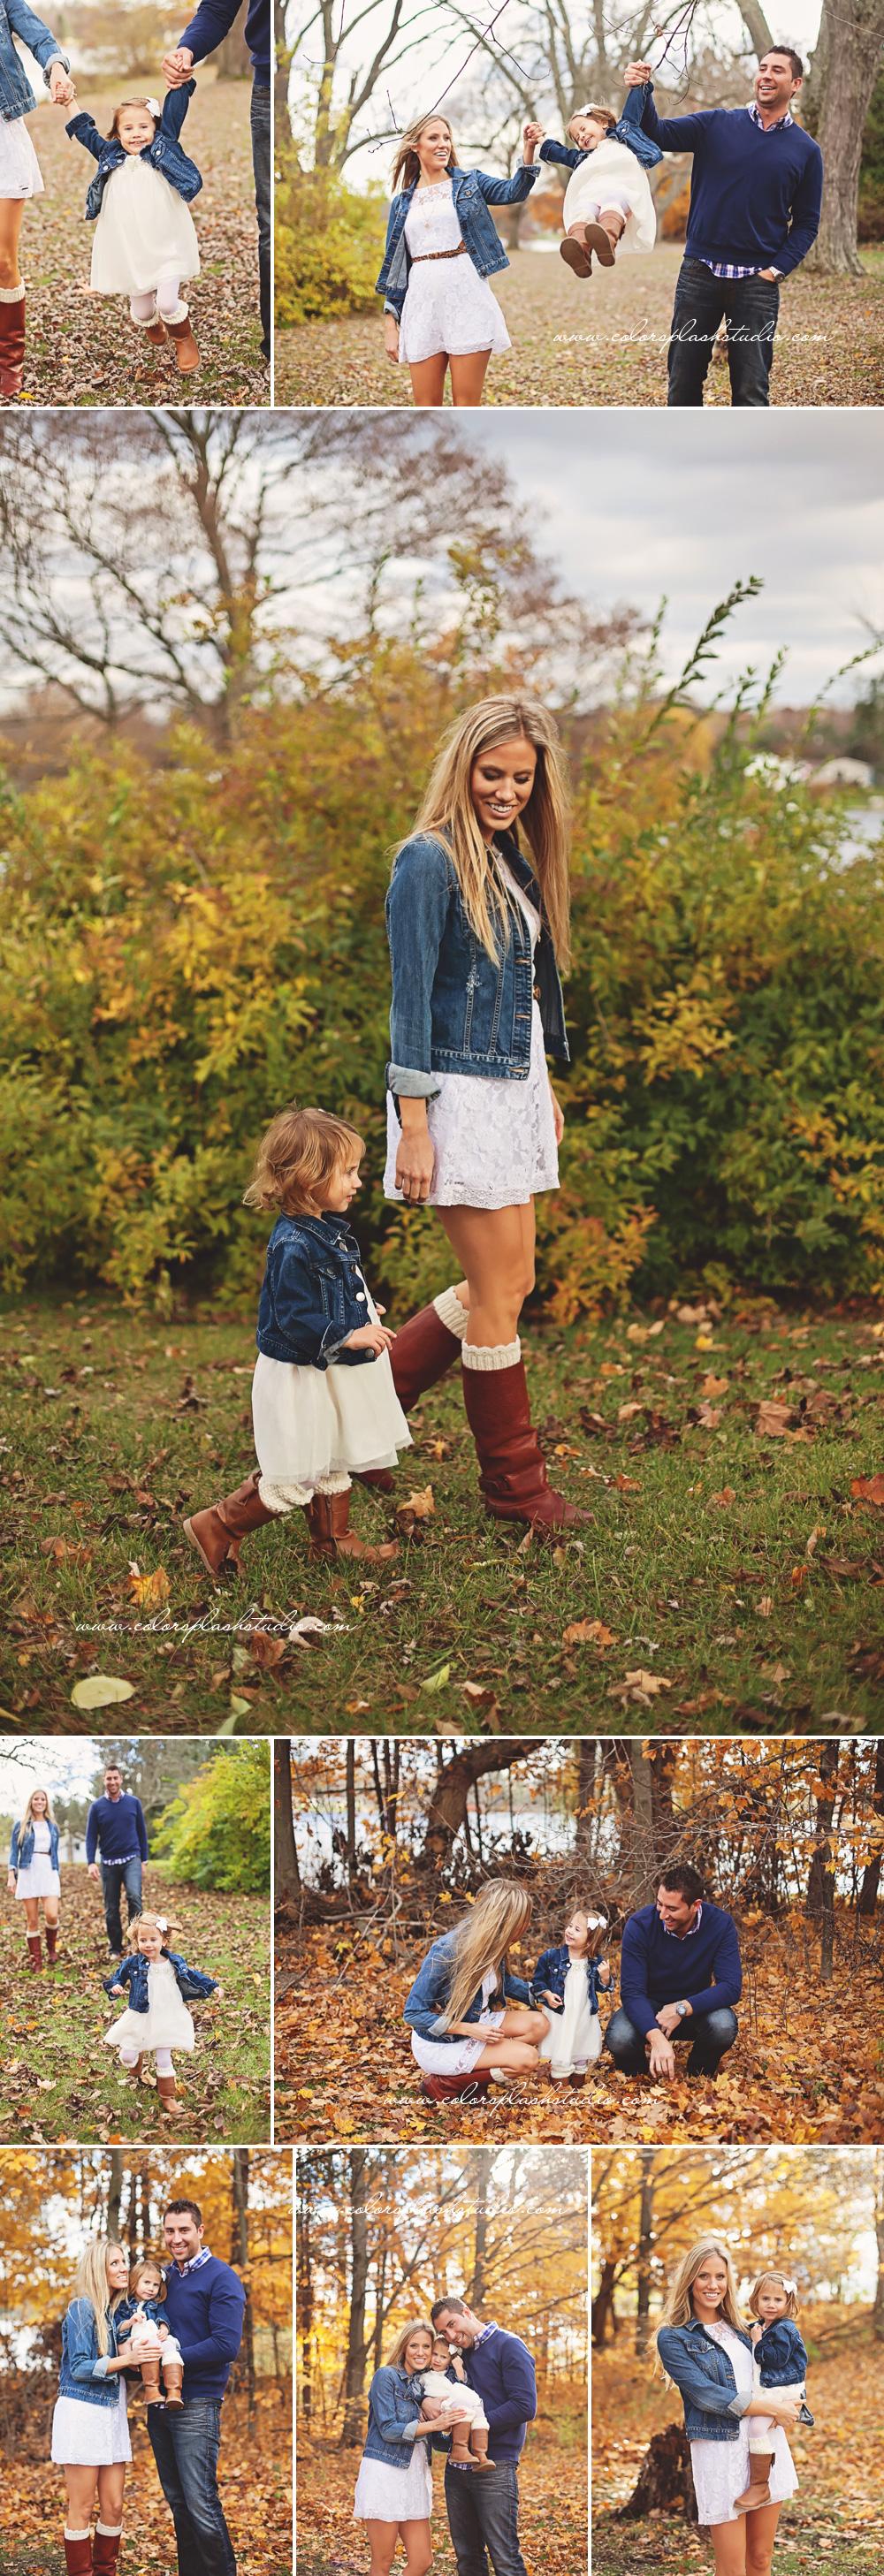 Byers Family Fall Photos Kalamazoo Family Photographer